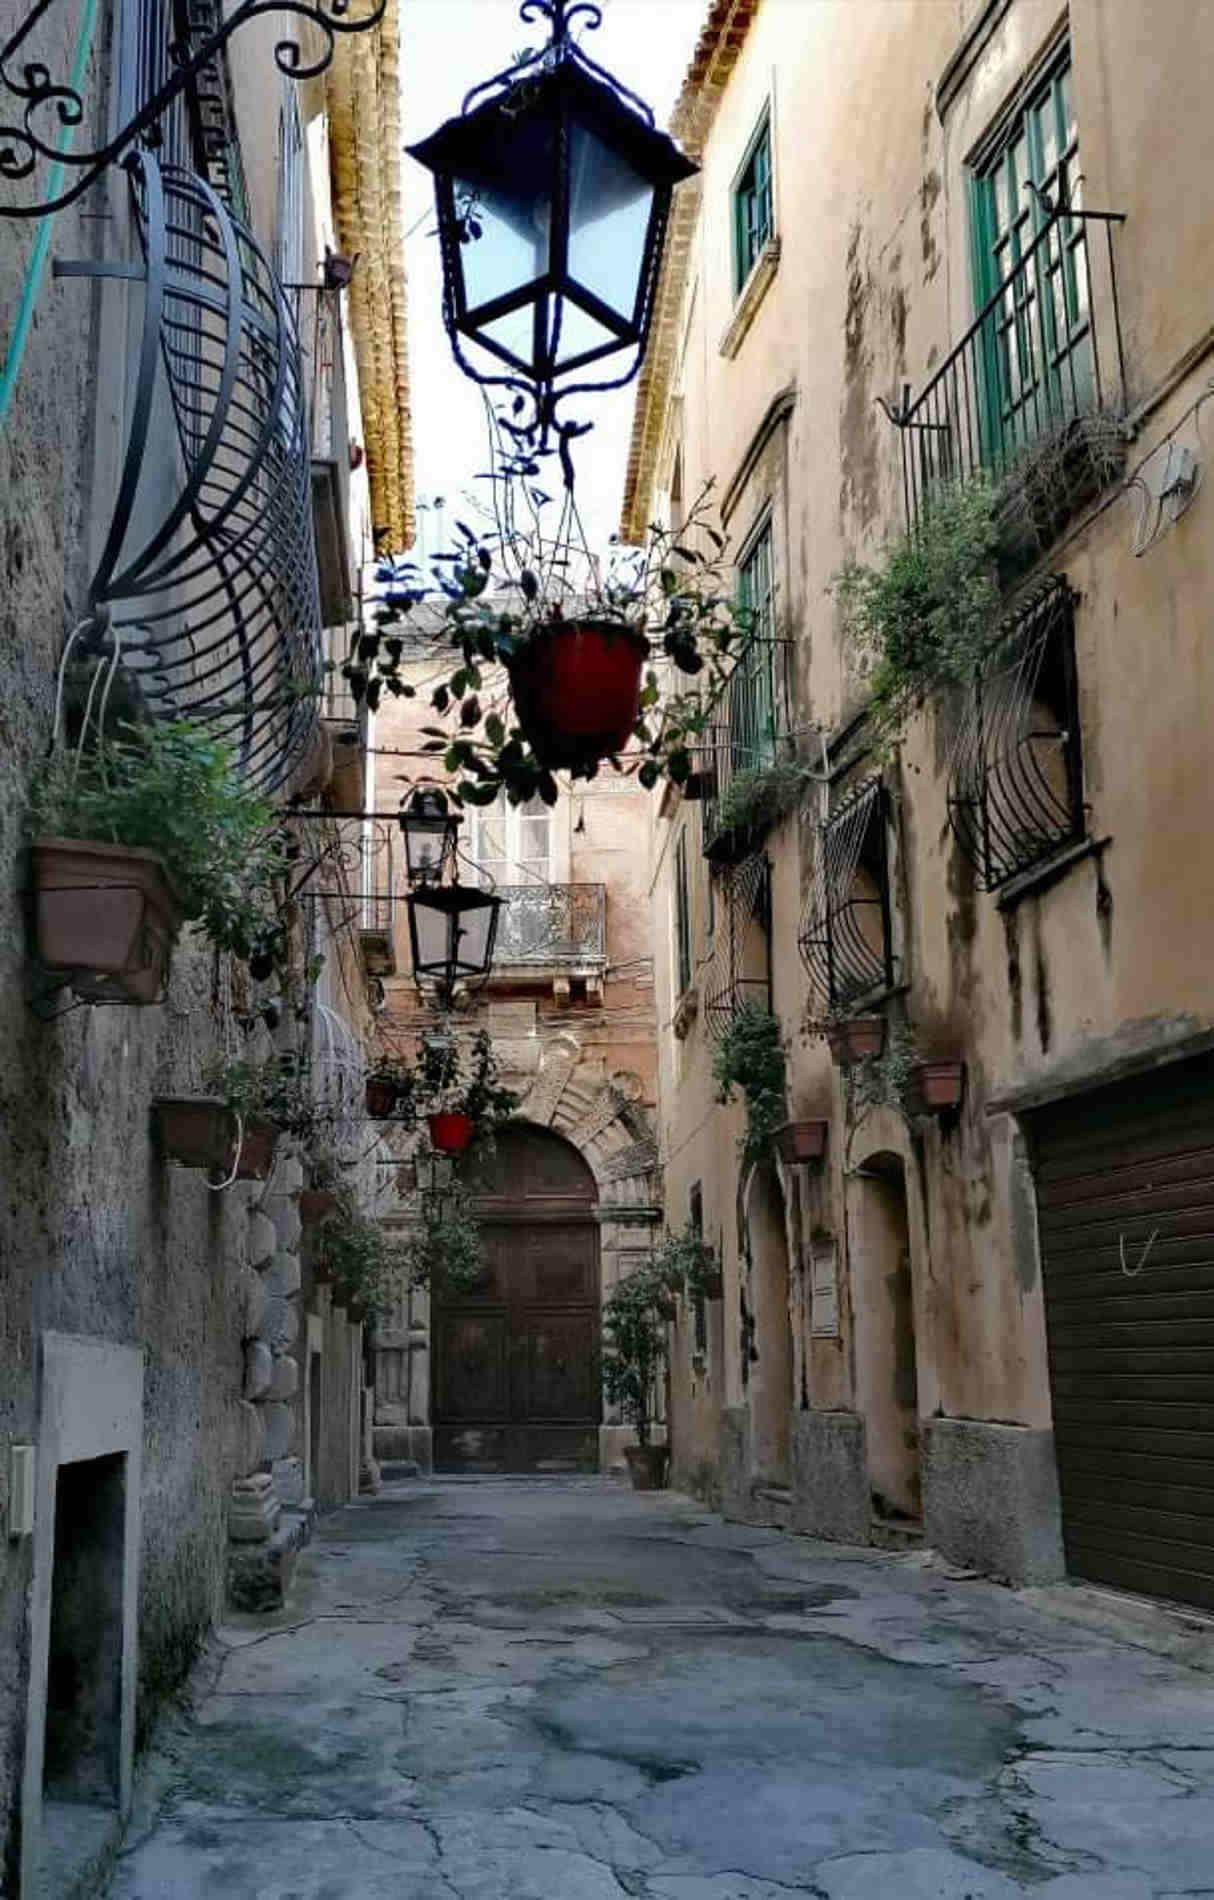 Per i vicoli Borgo di Tropea - Pronto Estate Guida turistica alle vacanze sulla Costa degli Dei -Vicoli di Tropea e antichi palazzi